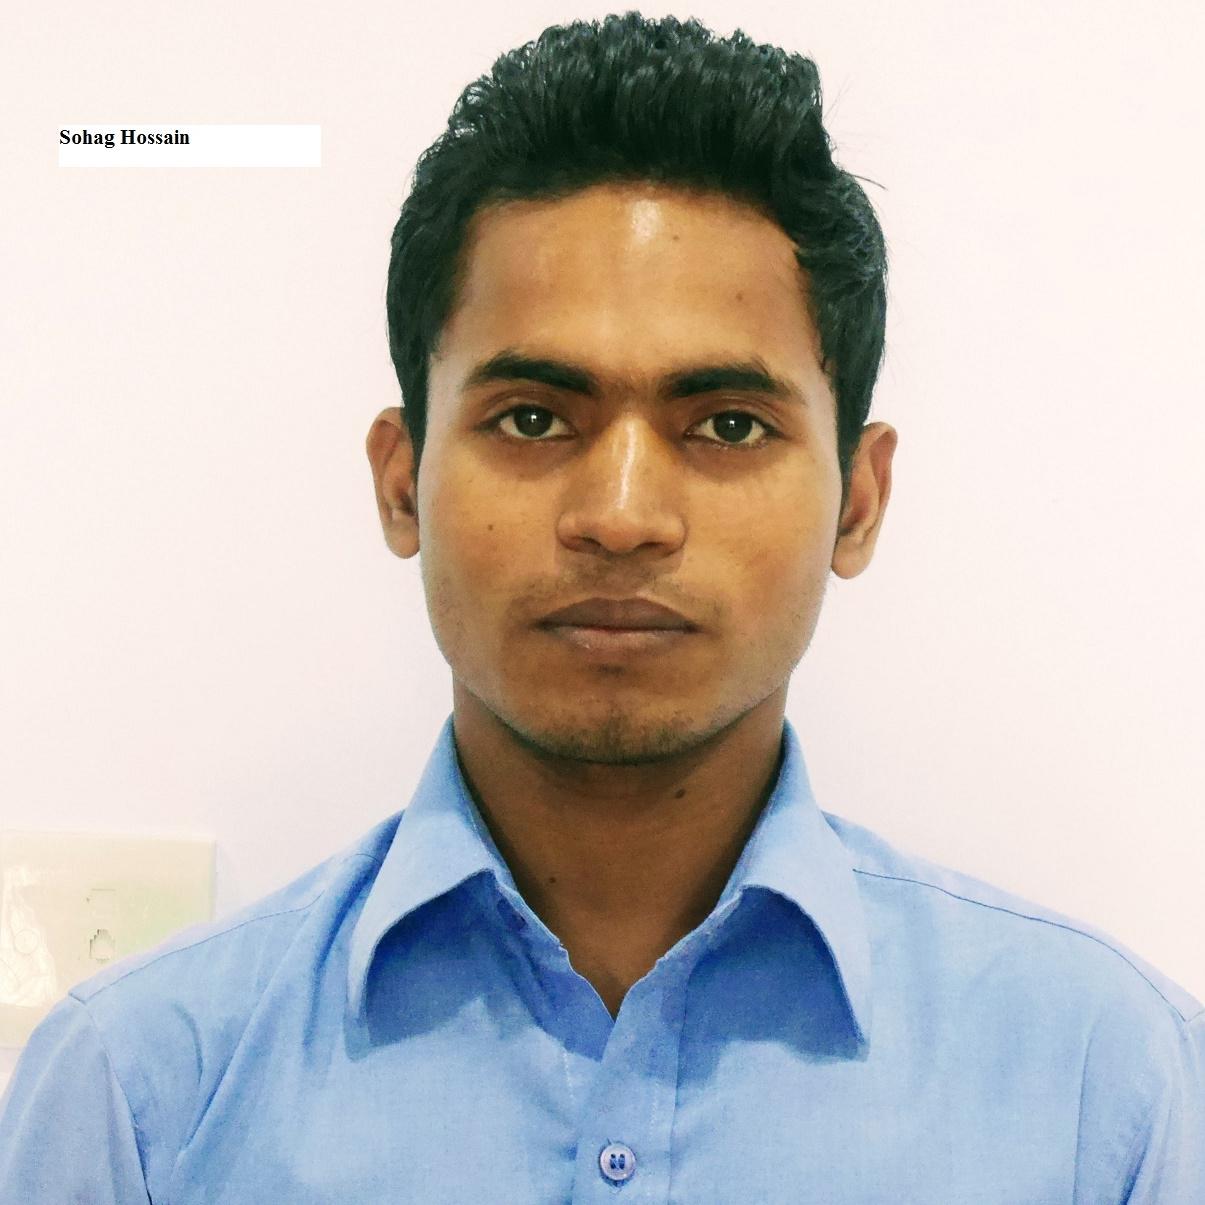 Sohag Hossain